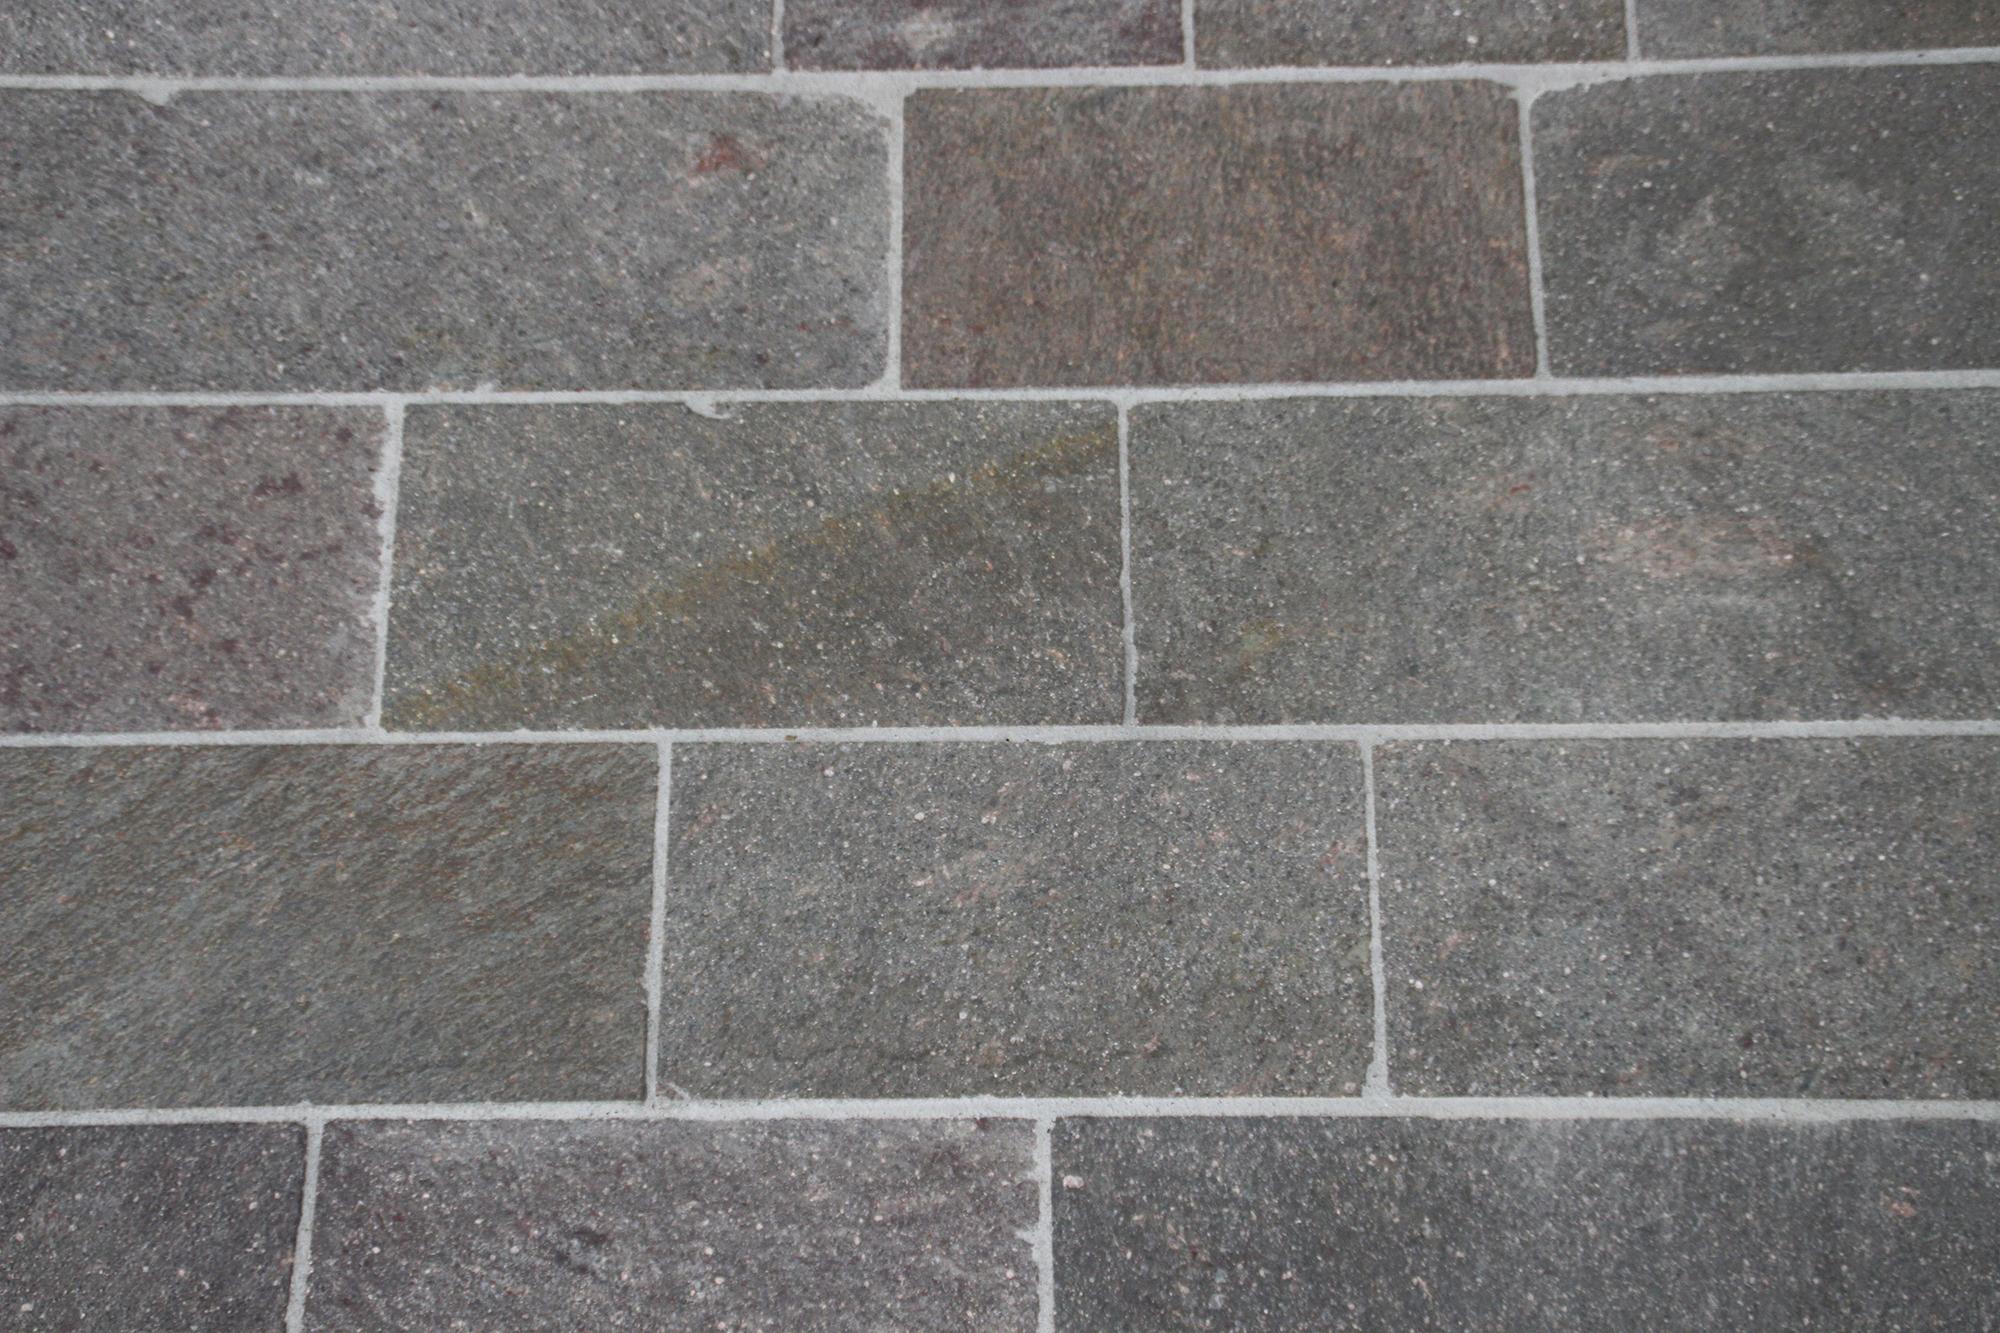 Pavimenti in porfido coste segate pavimenti per esterni in